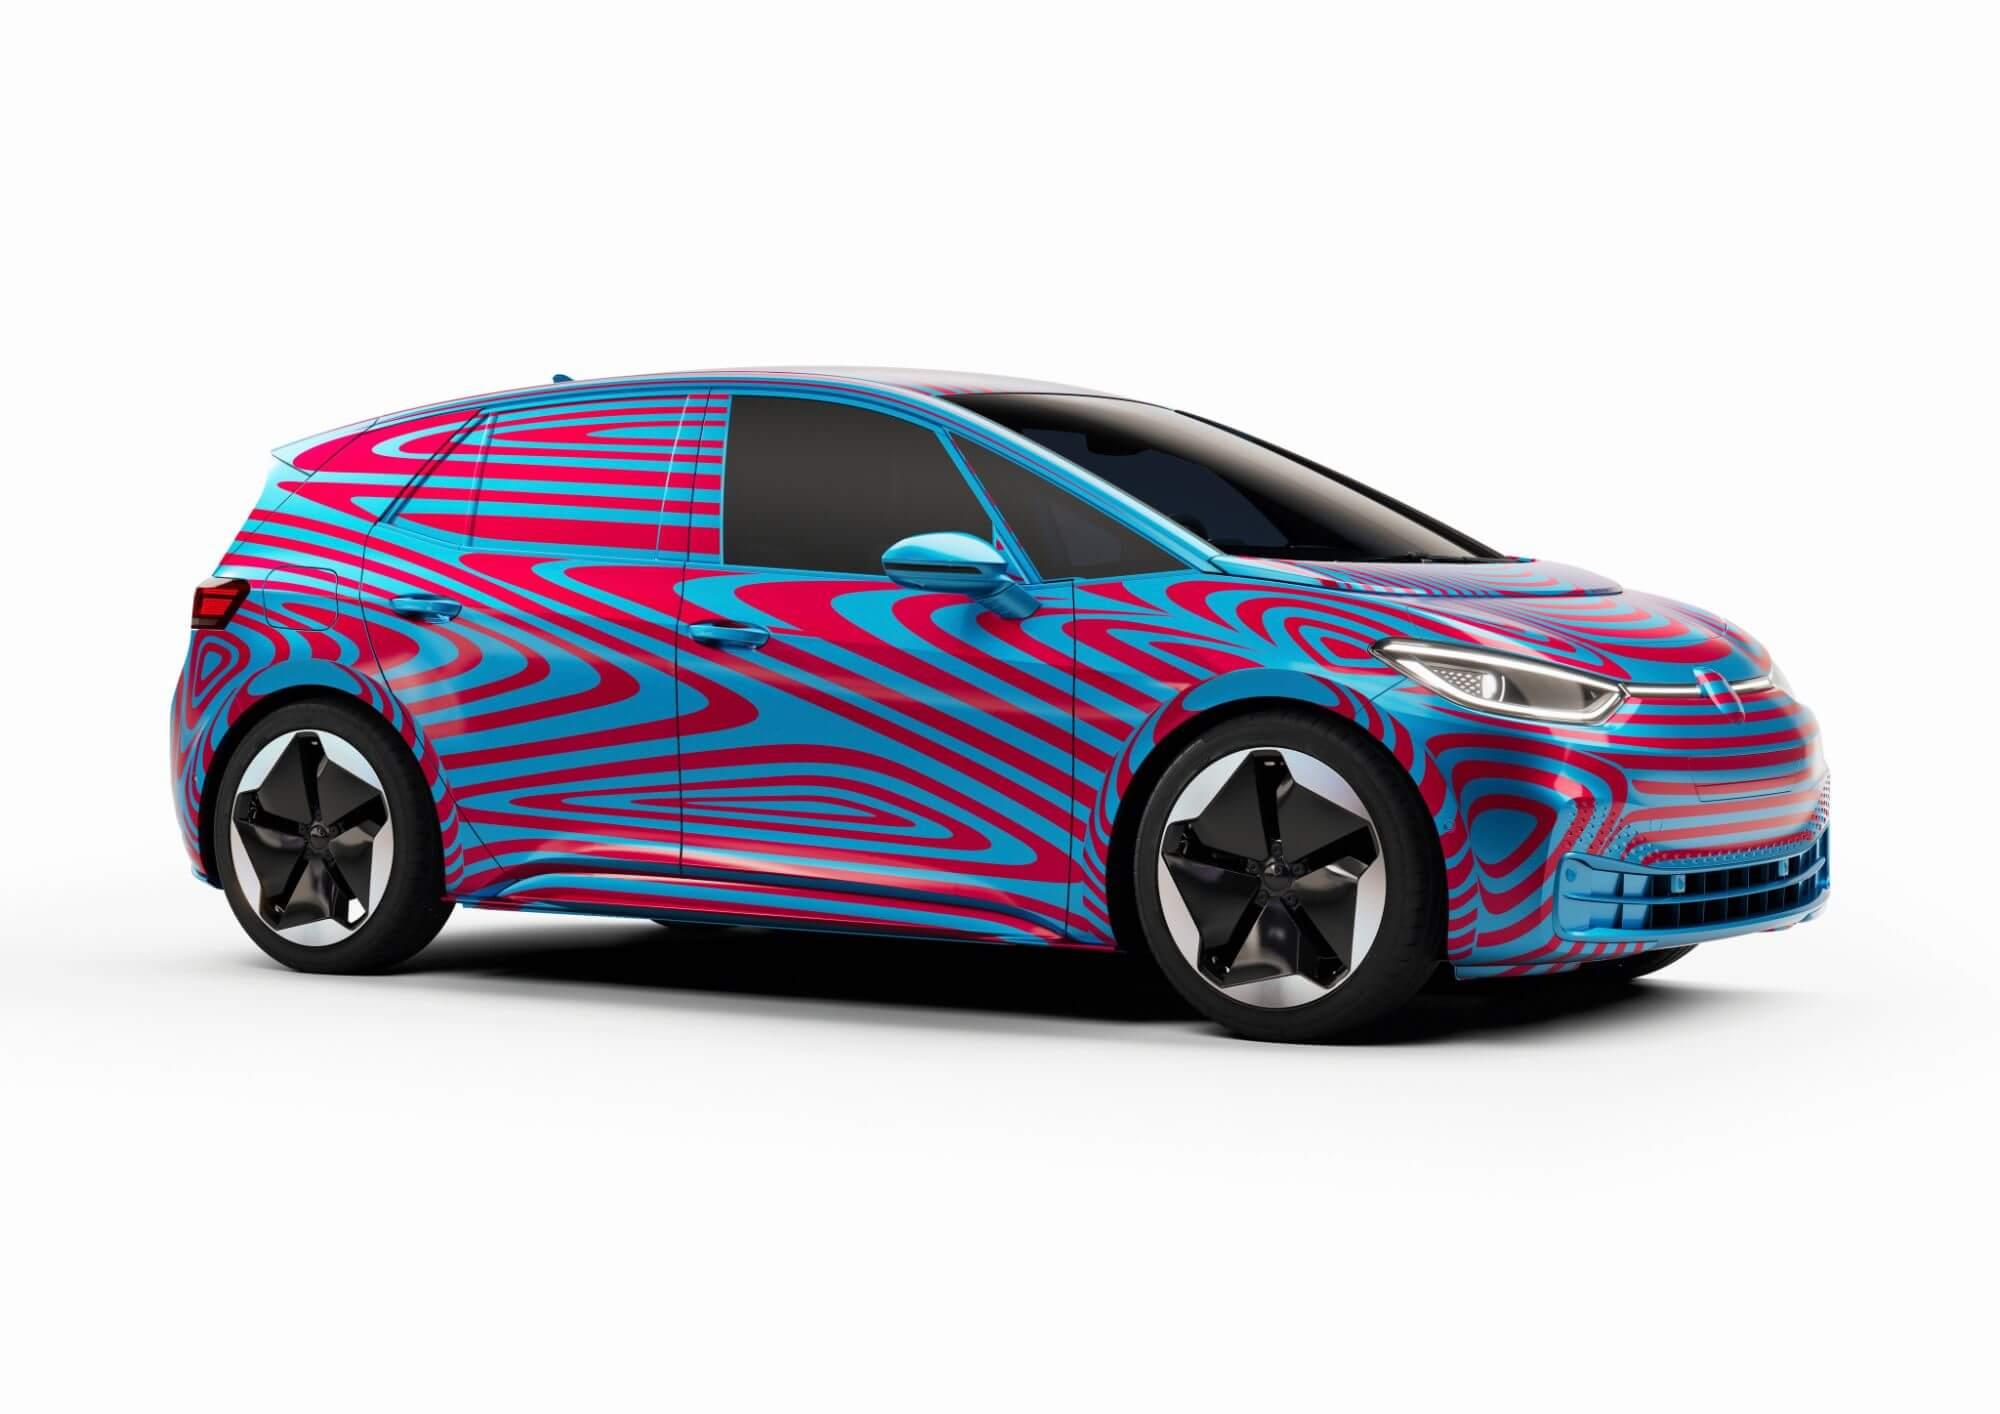 VW er klar til bestillinger på den kommende elbil